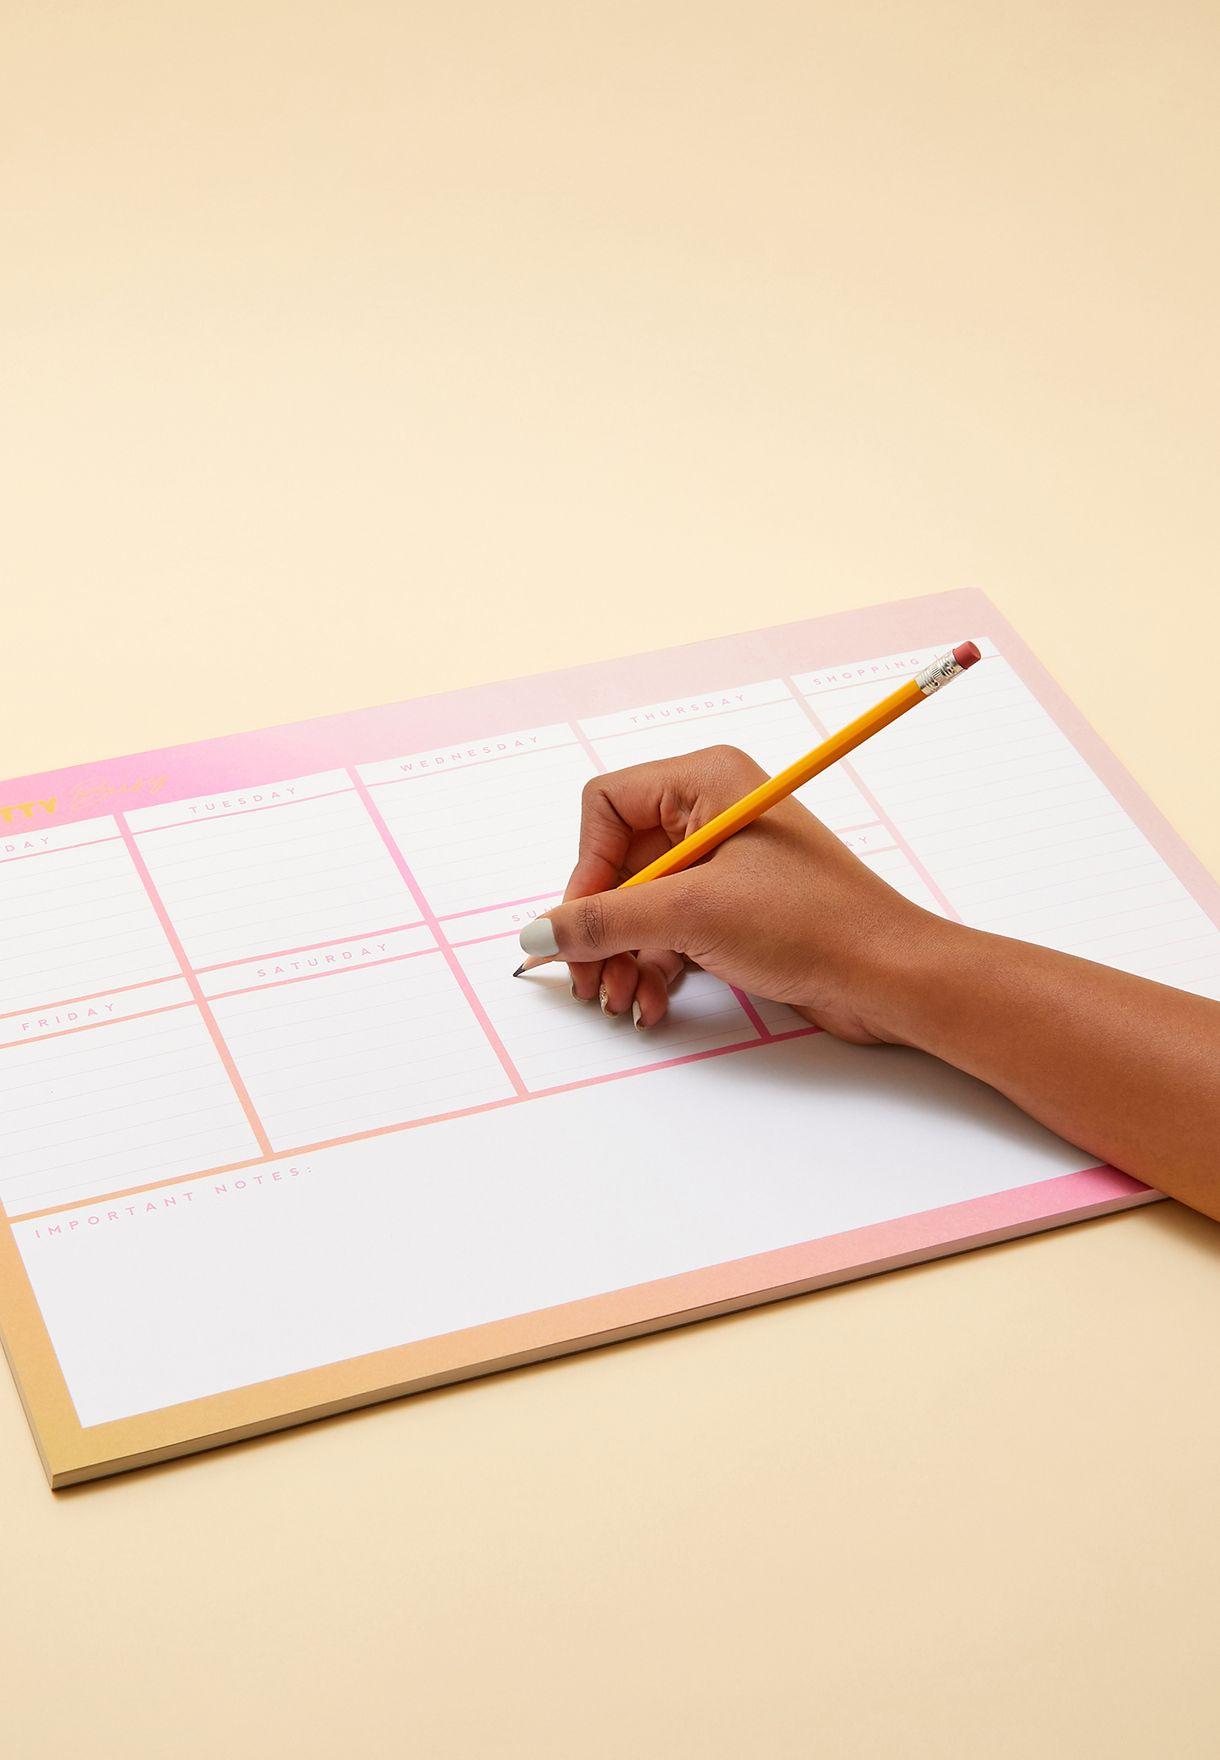 جدول لتنظيم مواعيد الاسبوع